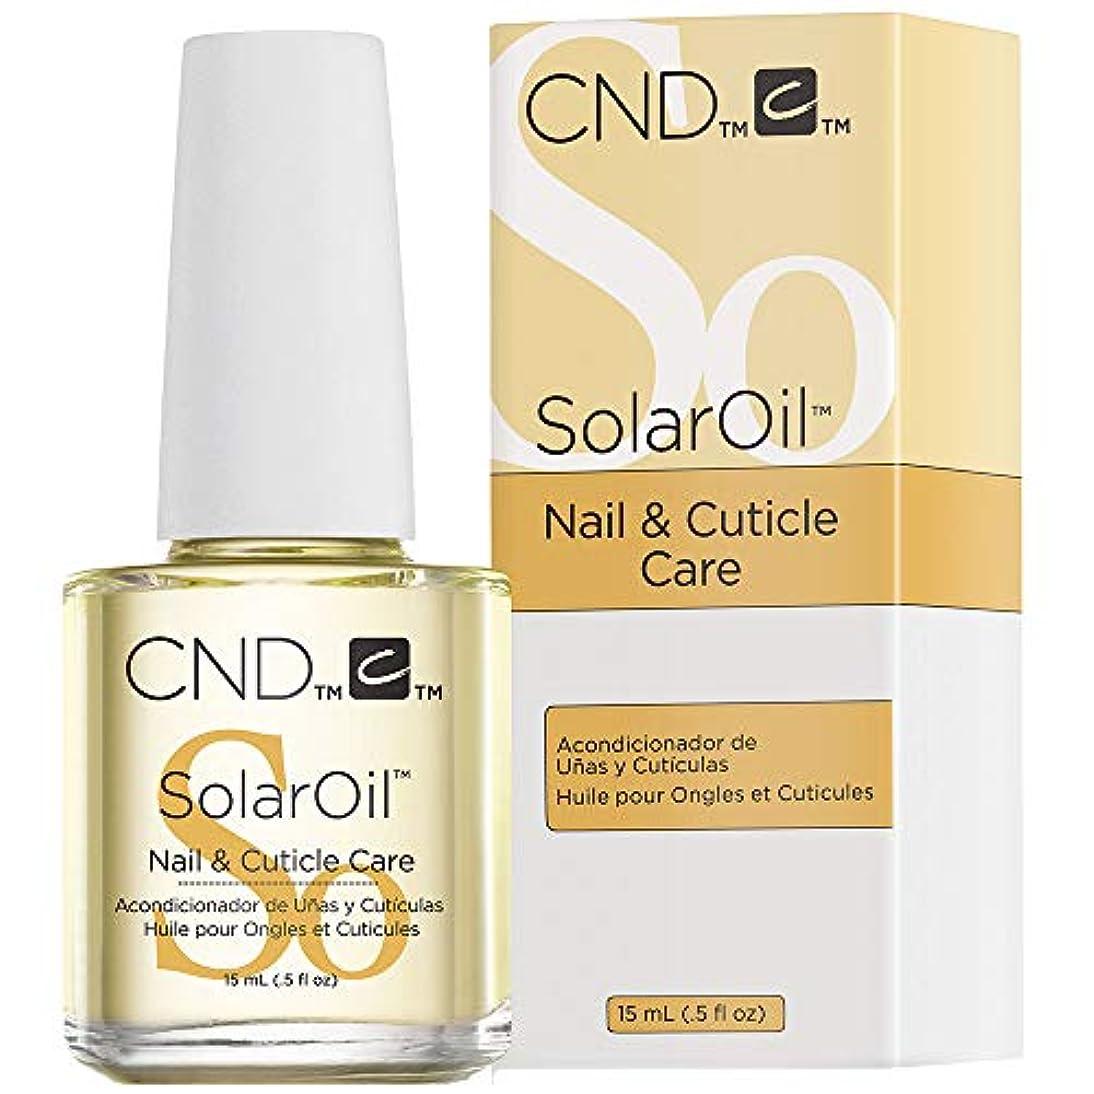 アフリカ人解明おそらくCND solar Oil nail and cuticle conditioner 15ml